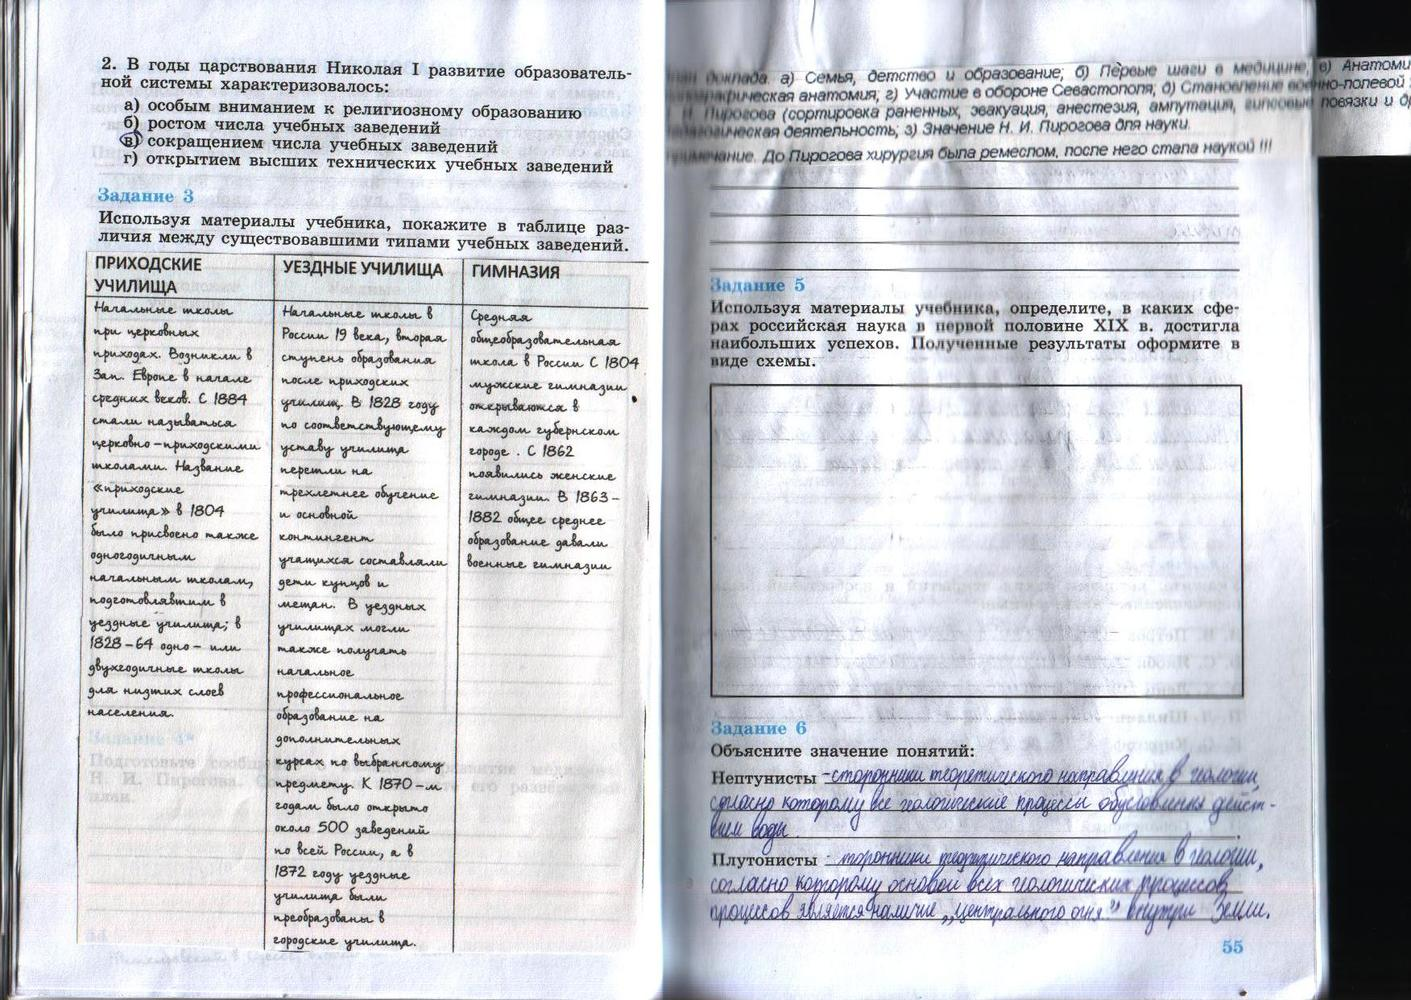 гдз история россии 8 класс 2018 год